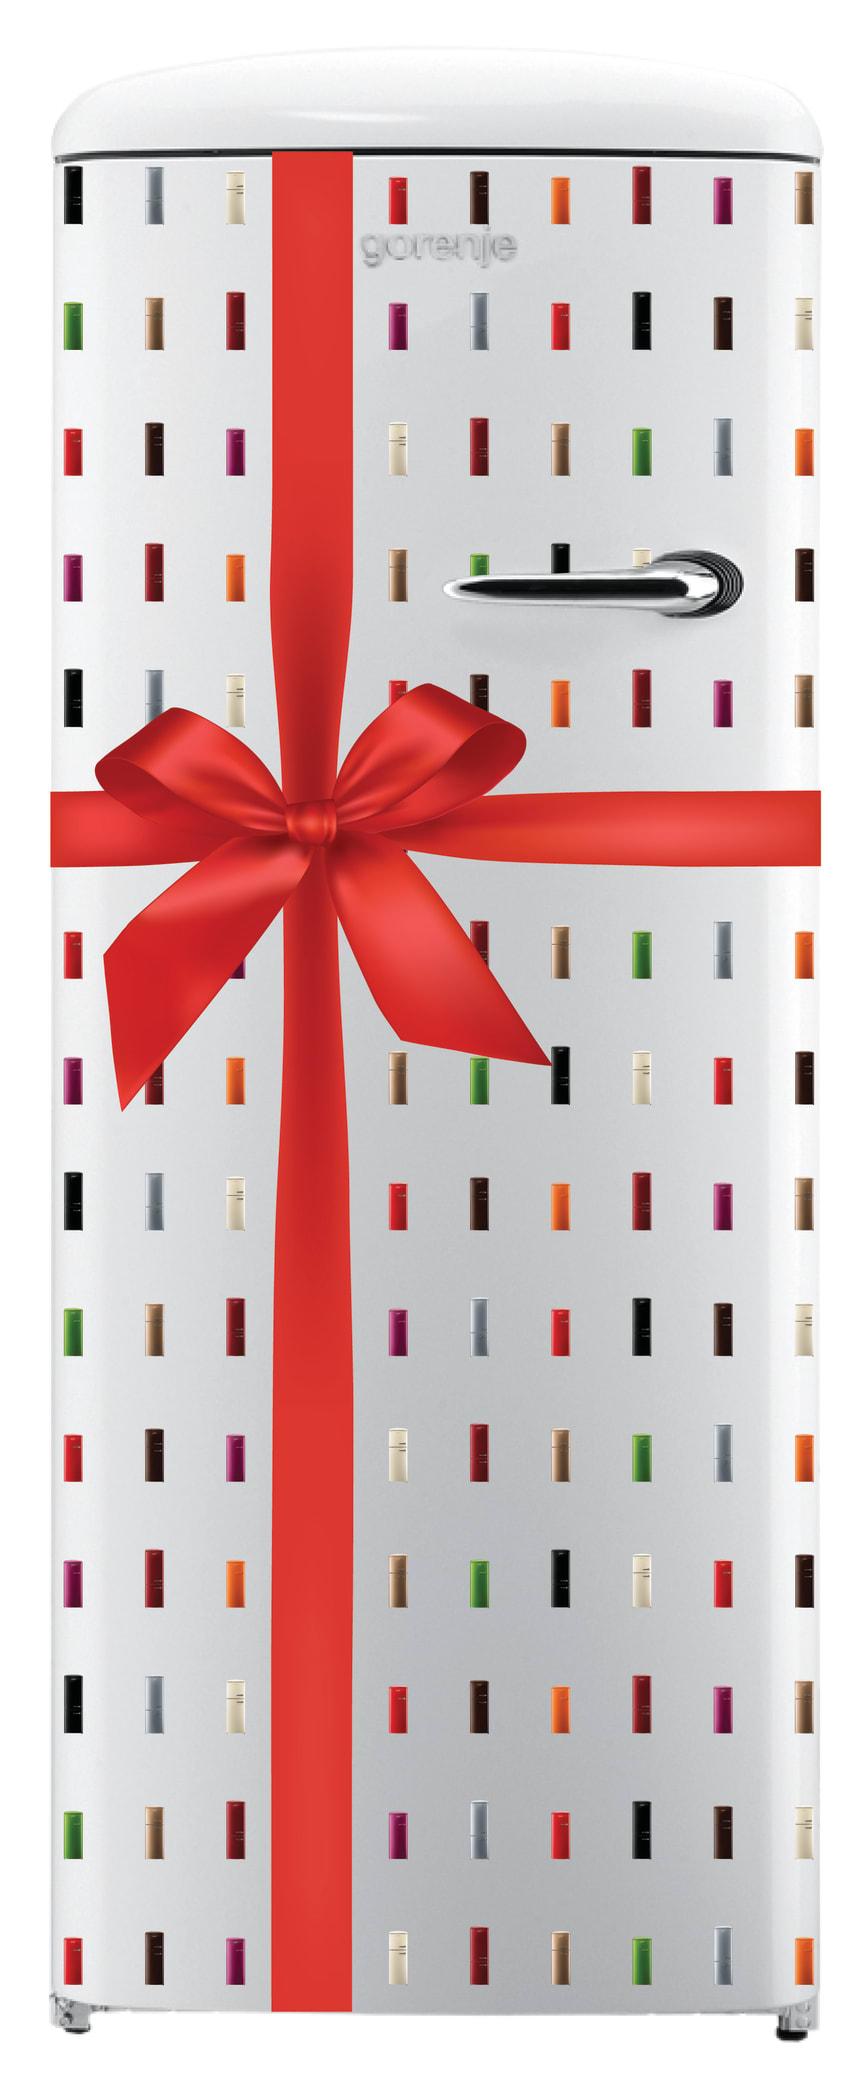 Gorenje Retro Collection – få précis den färg du önskar dig – även till jul